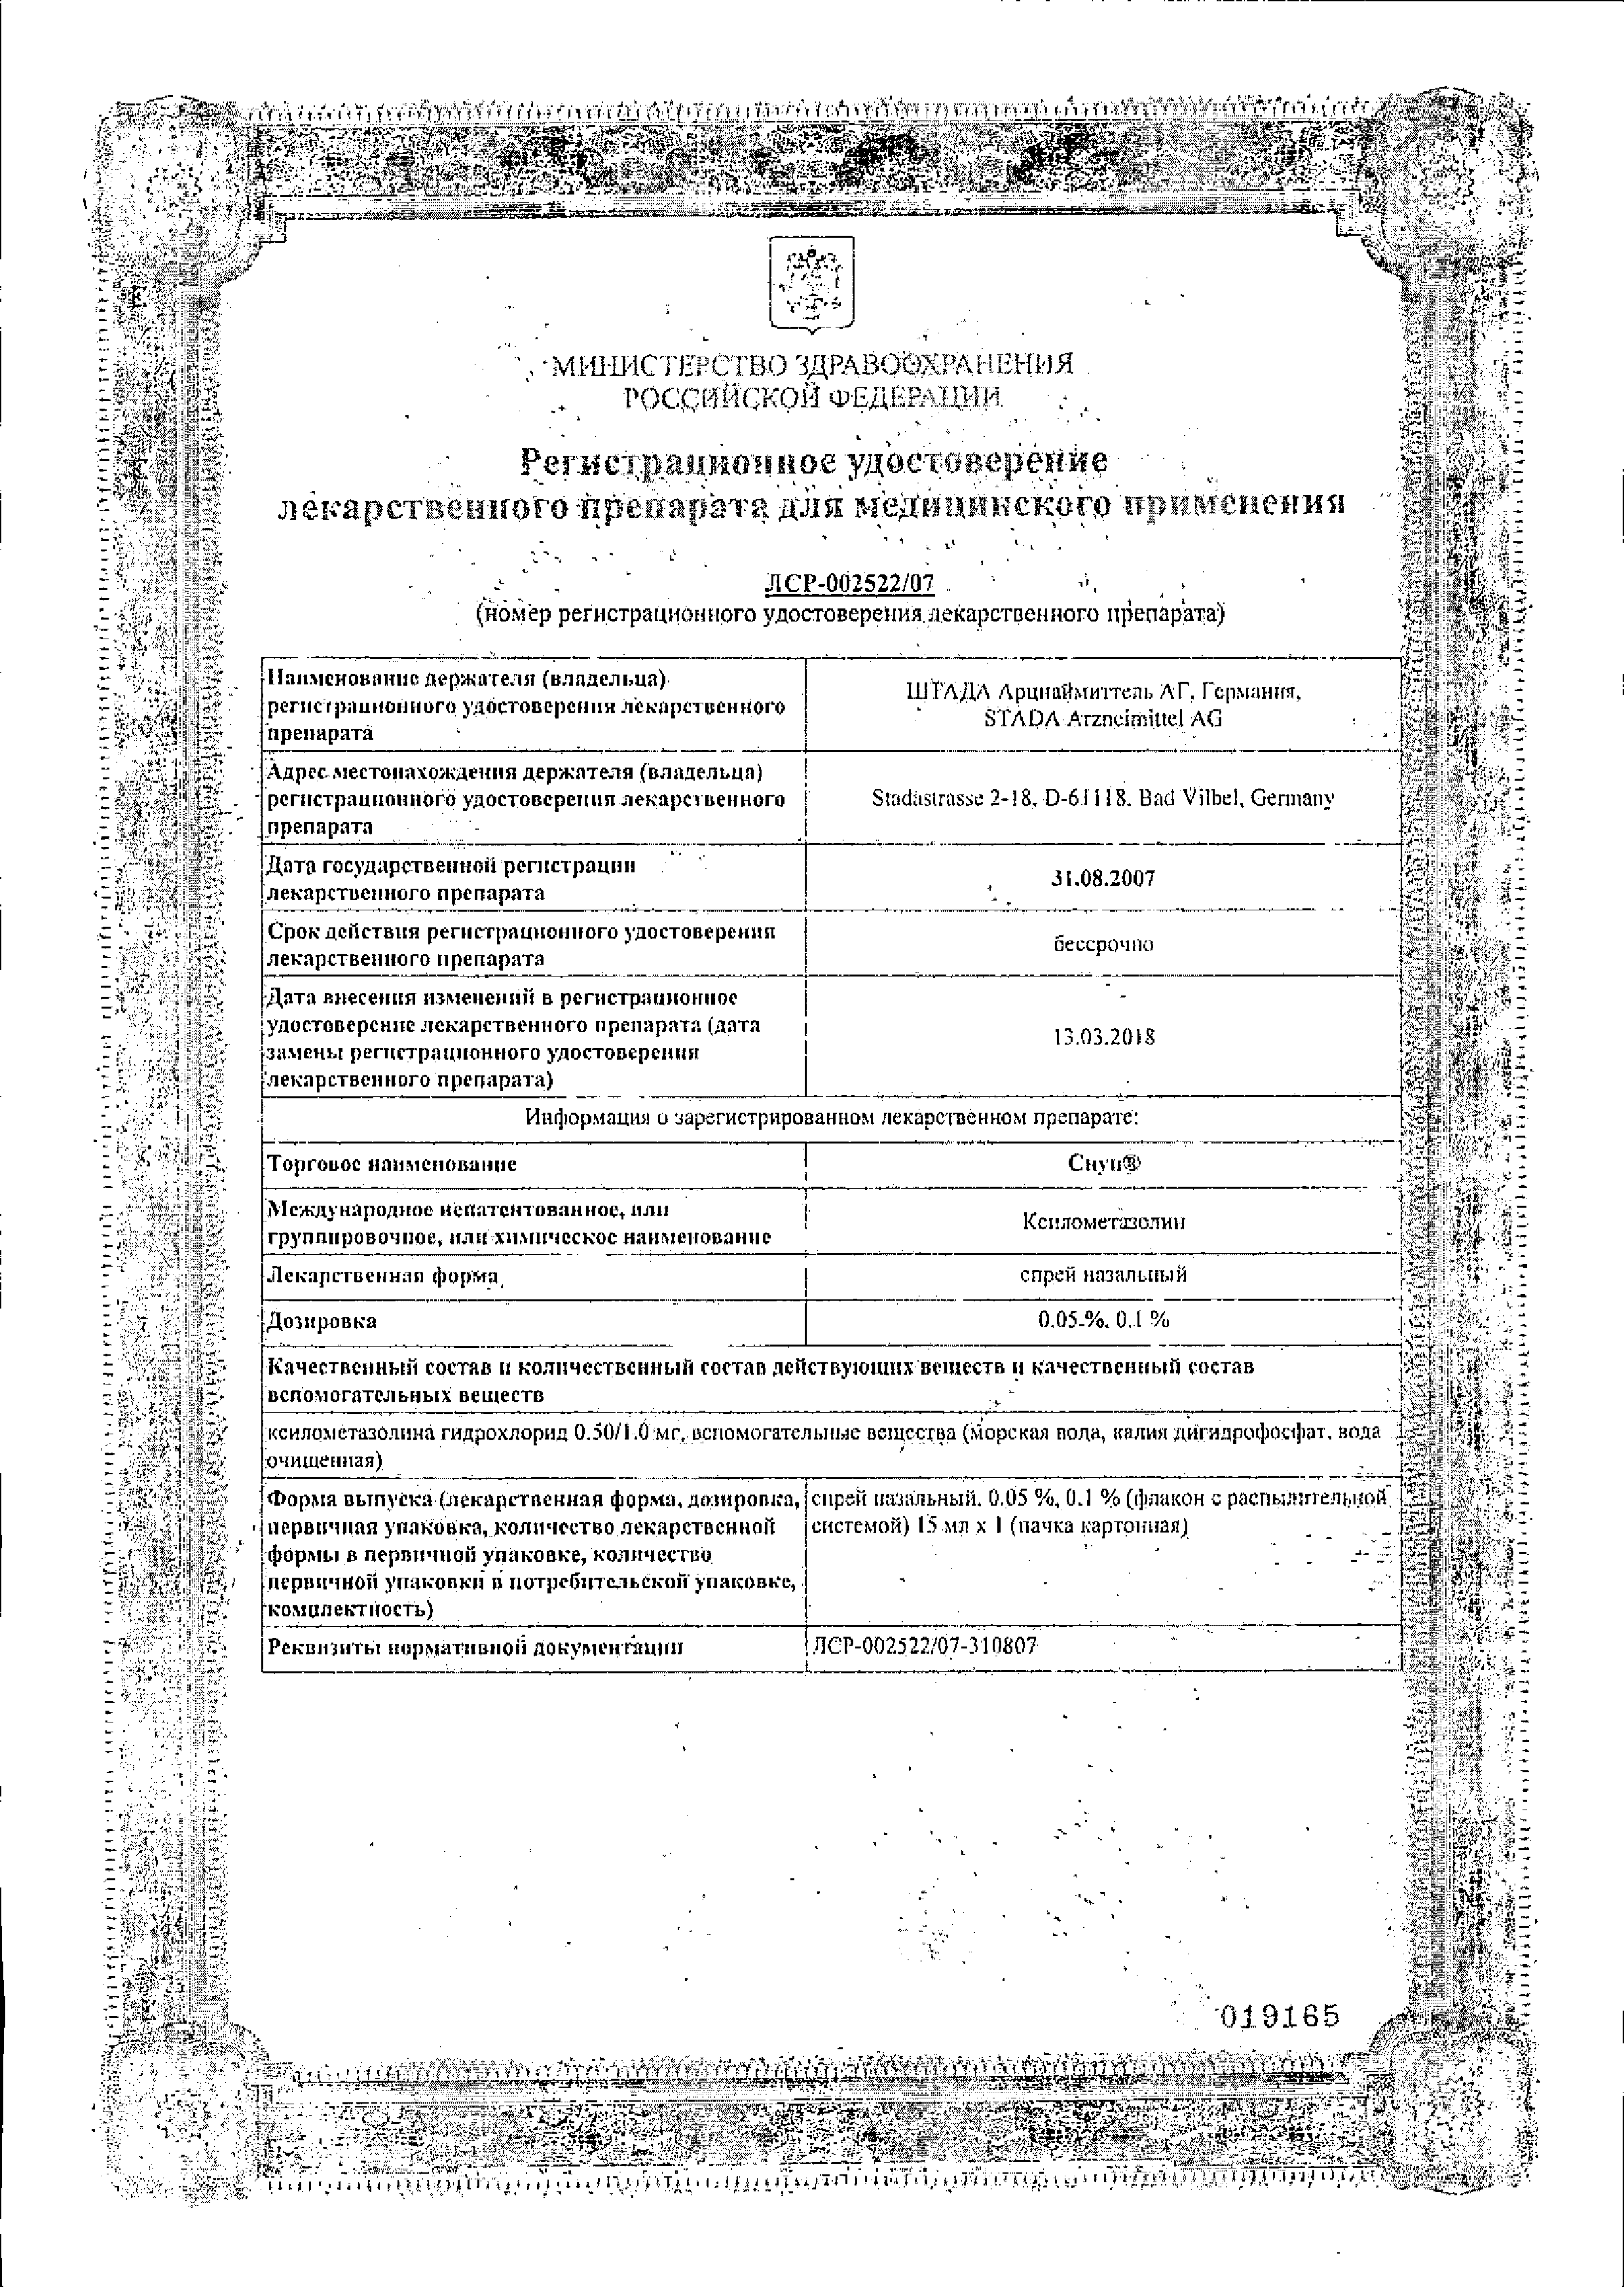 Снуп сертификат